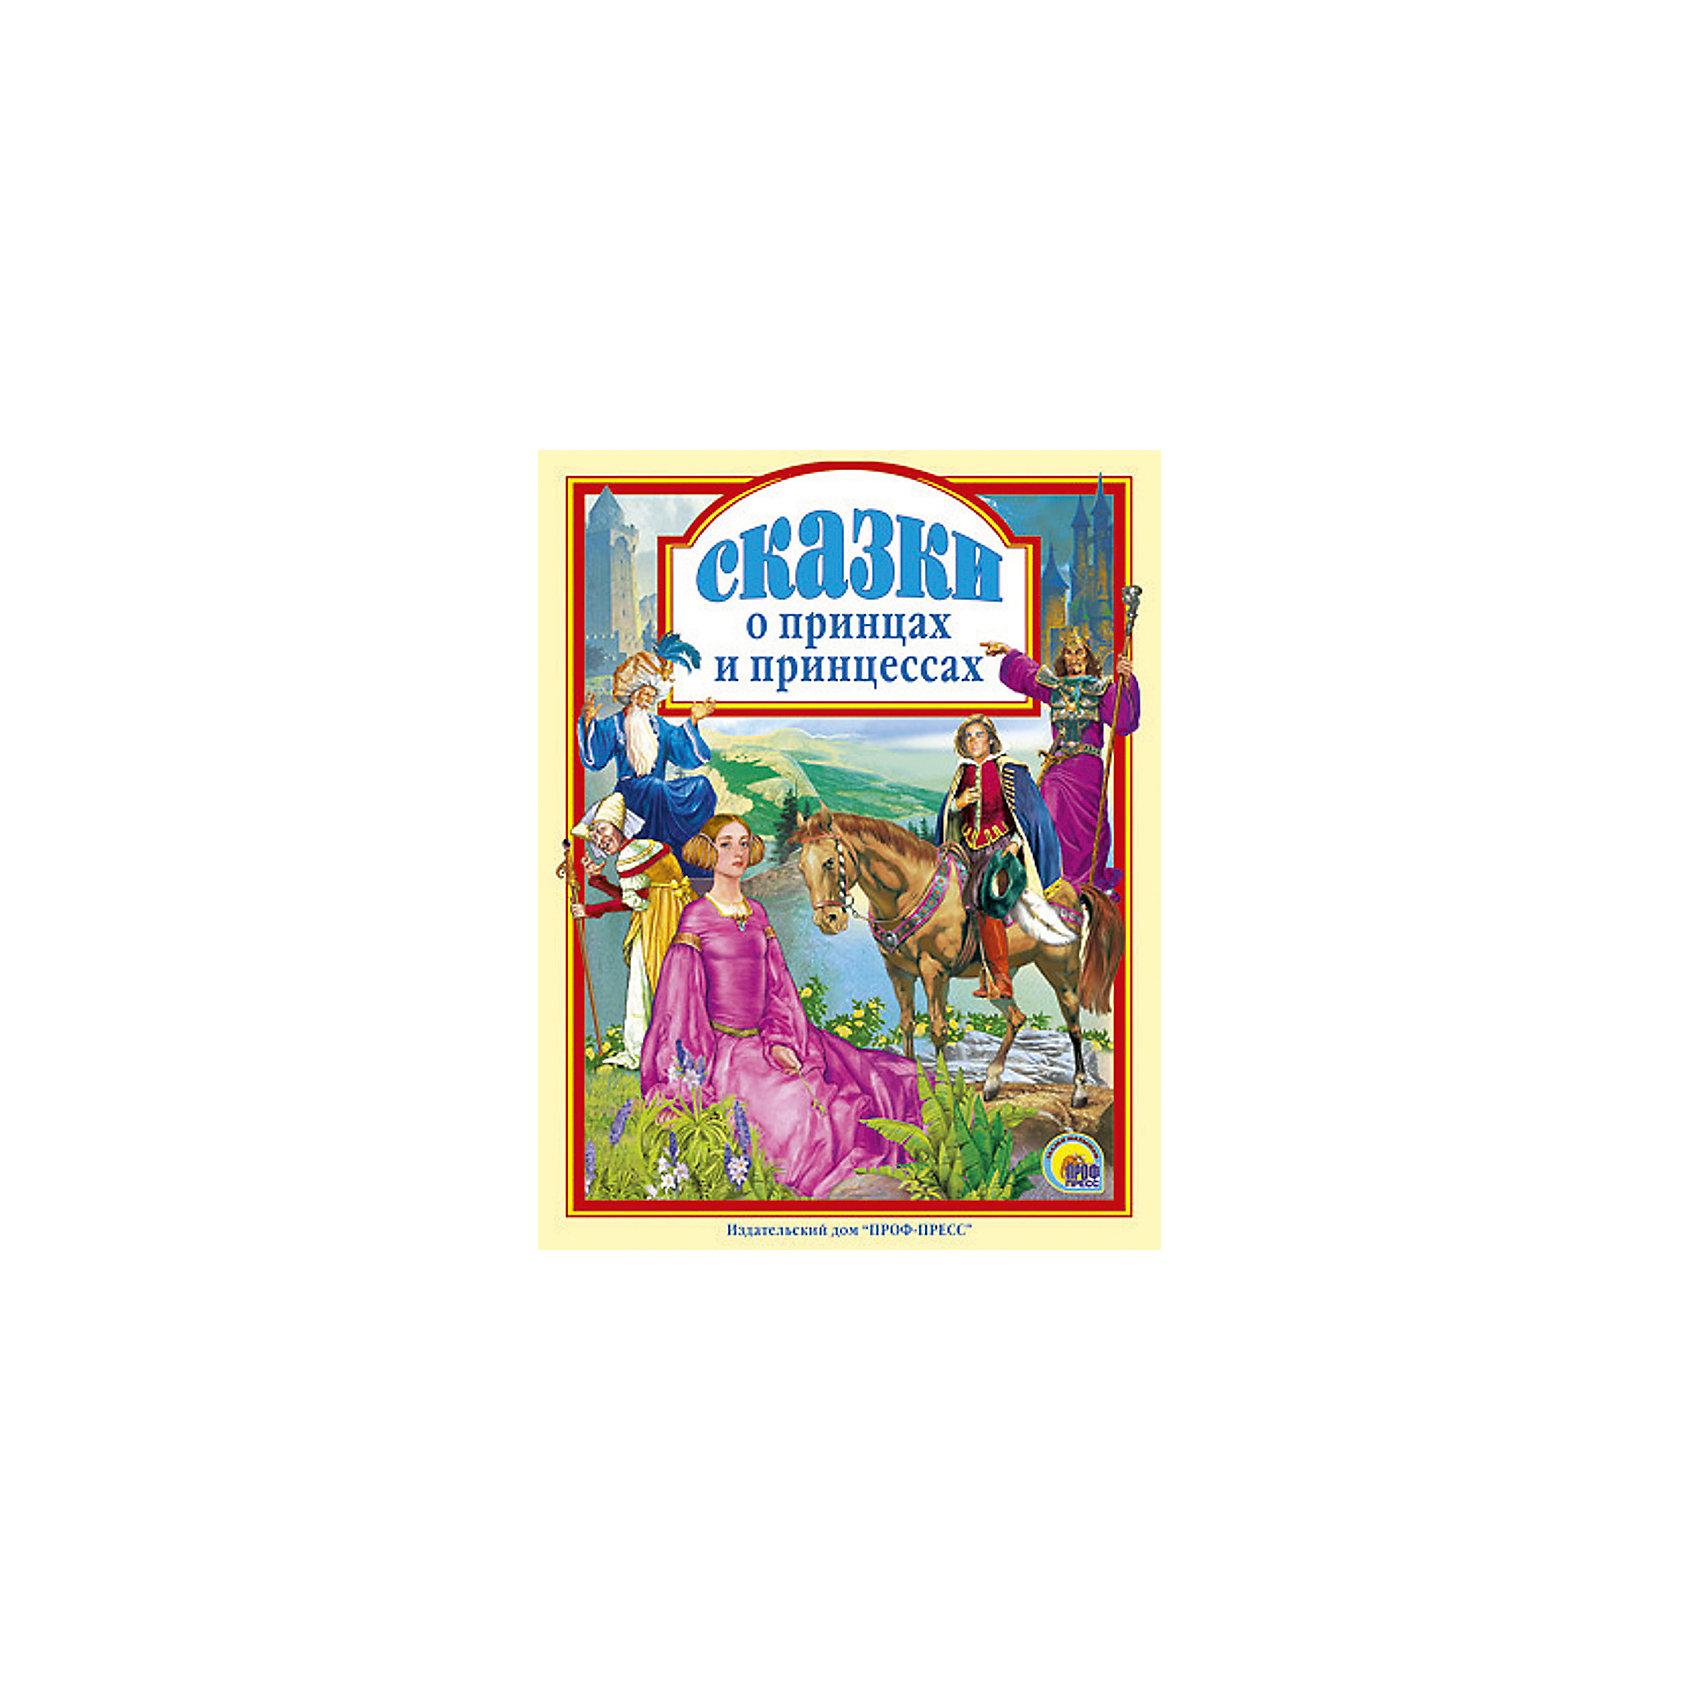 Сказки о принцах и принцессахРусские сказки<br>Данная серия собрала сказки, проверенные многими поколениями, которые понравятся и современным детям. Это издание очень красиво оформлено, в него вошли самые интересные сказки о принцах и принцессах известных европейских писателей. Яркие картинки обязательно понравятся малышам! Книга сделана из качественных и безопасных для детей материалов.<br>Содержание:<br>С.Топелиус. «Принцесса Линдагуль»<br>В.Гауф. «Принц-самозванец»<br>Братья Гримм. «Золушка», «Живая вода»<br>Г.Х.Андерсен. «Свинопас»<br>Ш.Перро. «Спящая Красавица»<br> <br>Дополнительная информация:<br><br>размер: 200х265 мм;<br>вес: 441 г.<br><br>Книгу Сказки о принцах и принцессах от издательства Проф-Пресс можно купить в нашем магазине.<br><br>Ширина мм: 200<br>Глубина мм: 13<br>Высота мм: 265<br>Вес г: 441<br>Возраст от месяцев: 0<br>Возраст до месяцев: 60<br>Пол: Унисекс<br>Возраст: Детский<br>SKU: 4787335